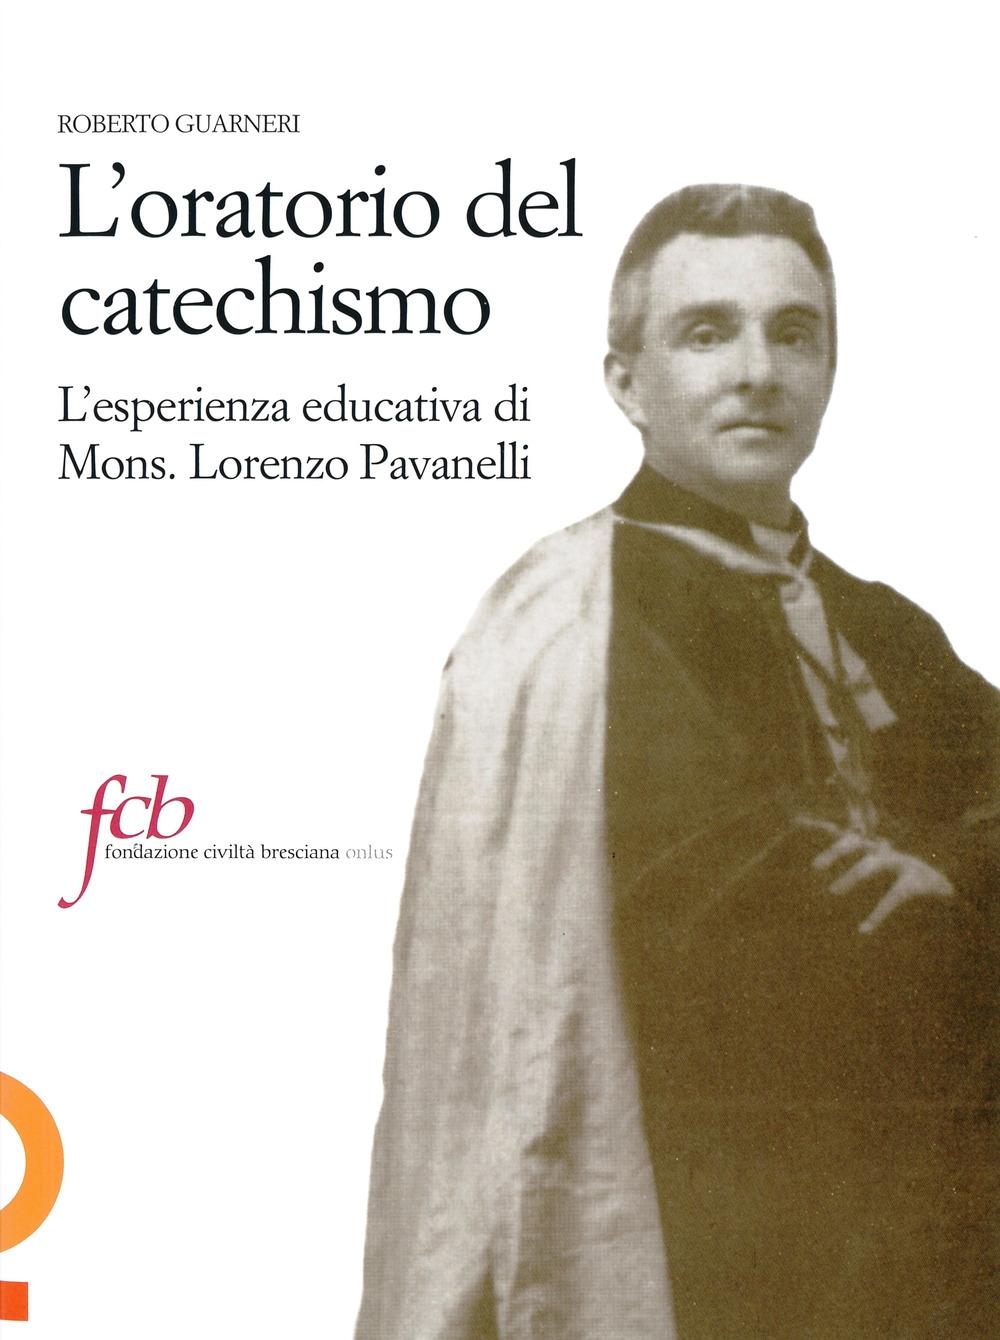 L'oratorio del catechismo. L'esperienza educativa di mons. Lorenzo Pavanelli